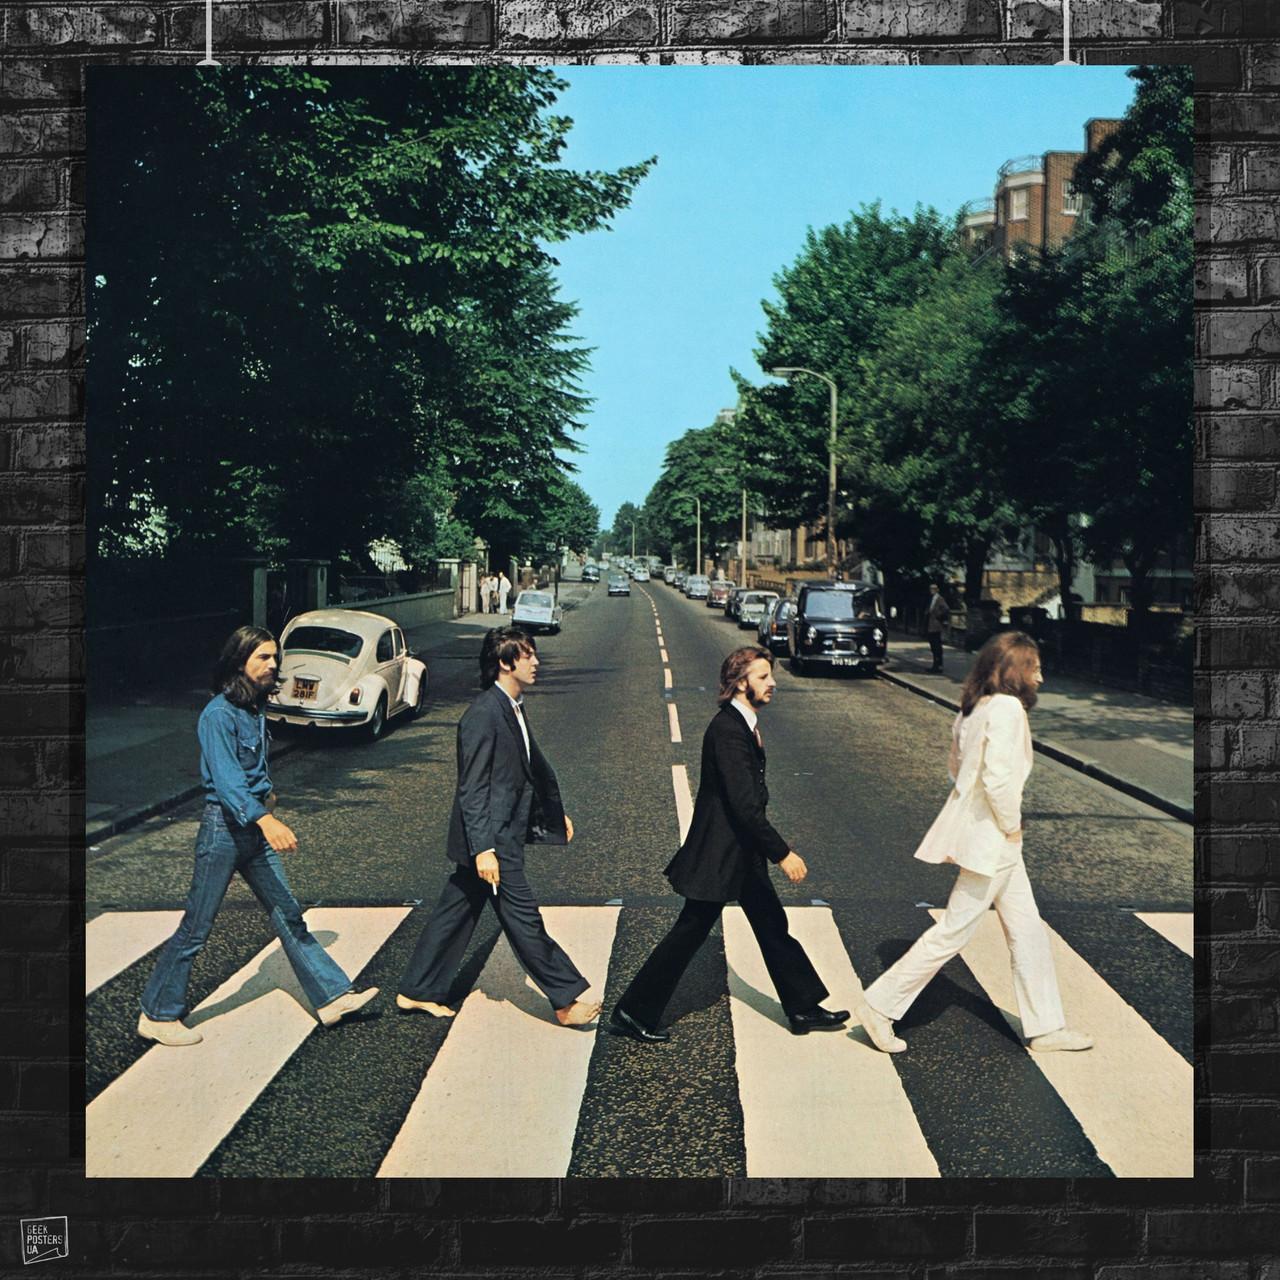 Постер The Beatles, Abbey Road, Битлз. Размер 60x60см (A1). Глянцевая бумага